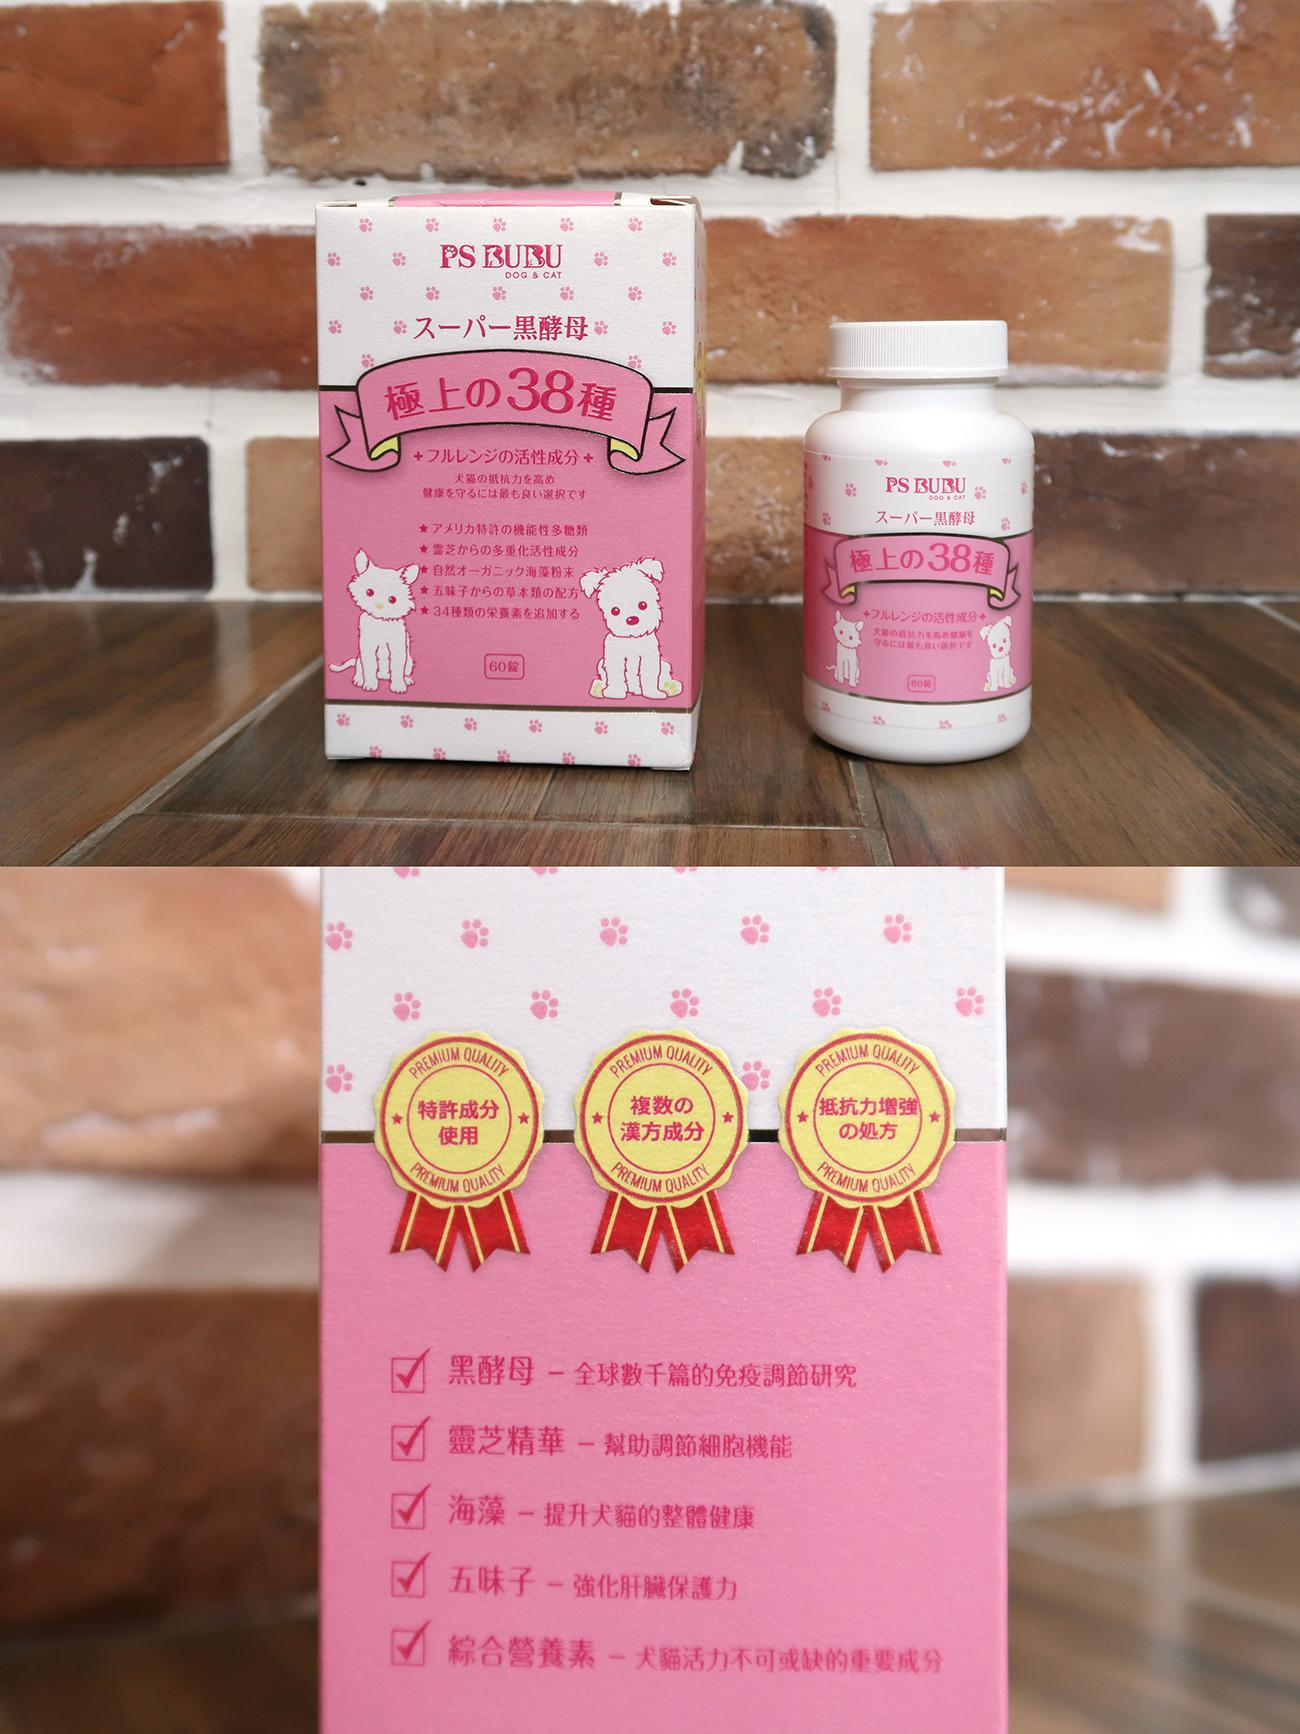 PS BUBU DOG %26;amp; CAT 超級黑酵母-極上的38種-寵物保健食品 (2).JPG